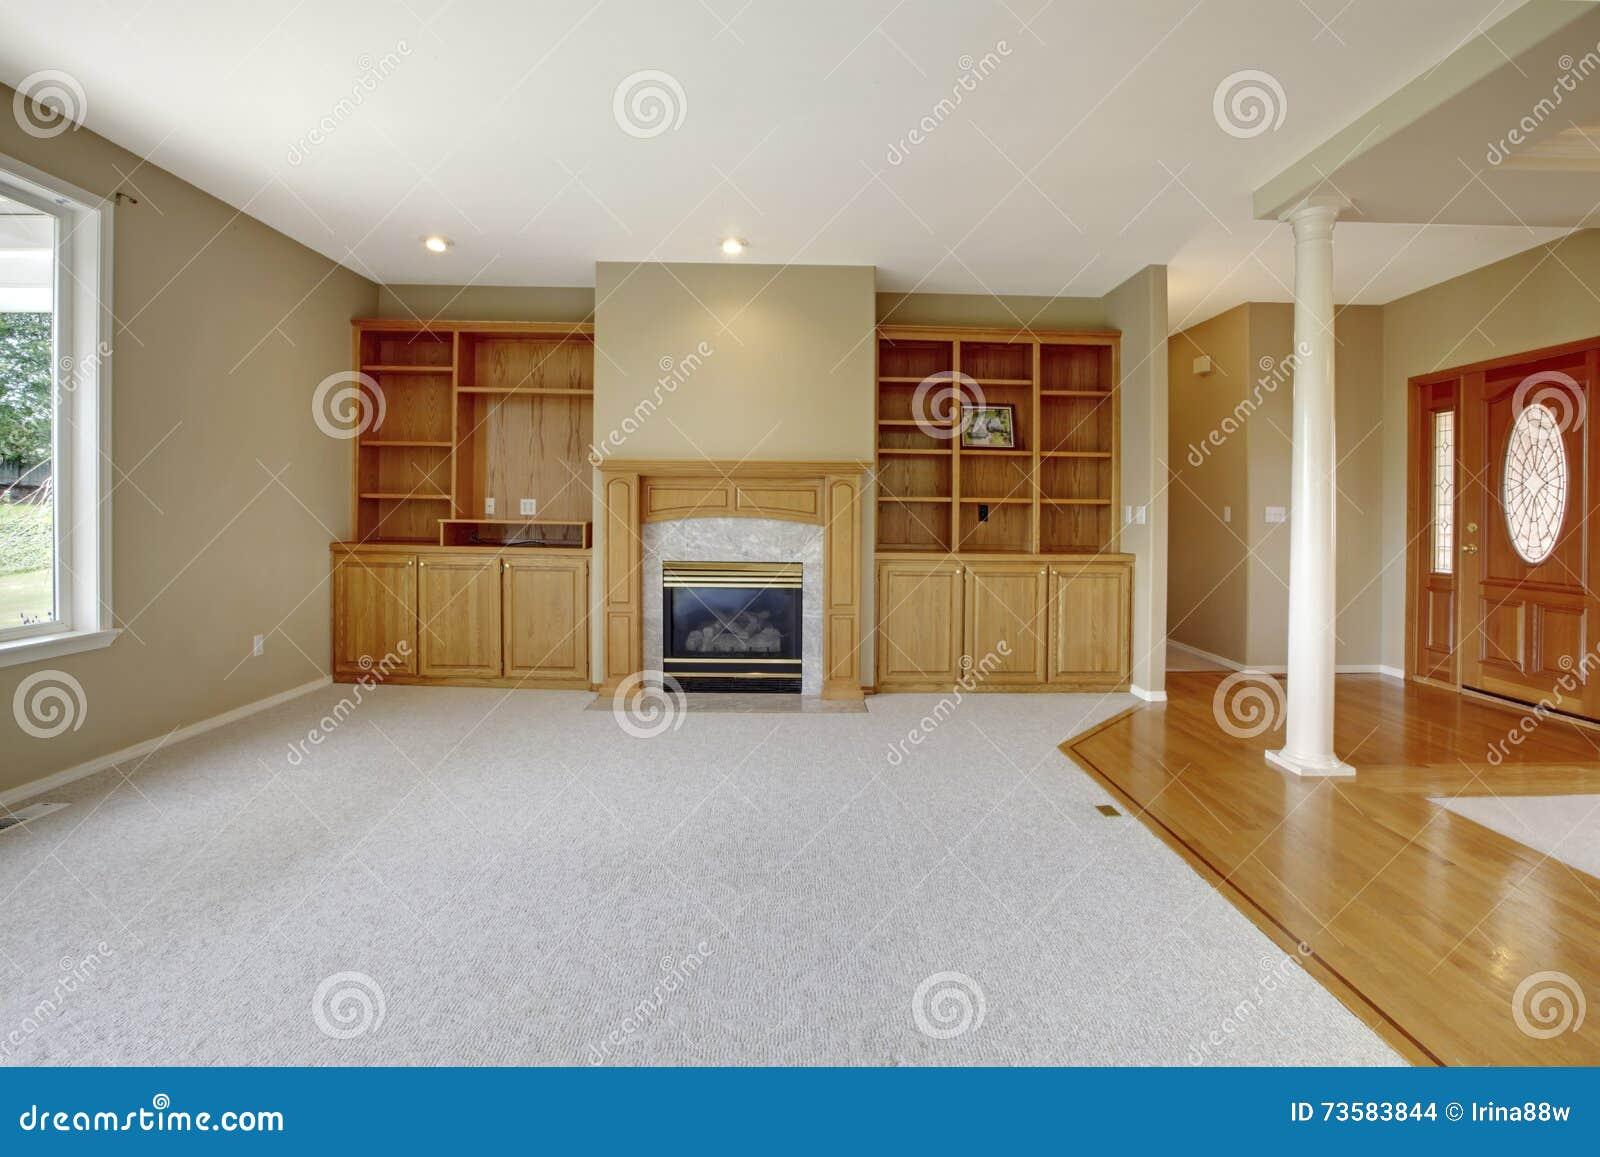 Salon dans l'espace ouvert avec la vue de foyer et la porte d ...